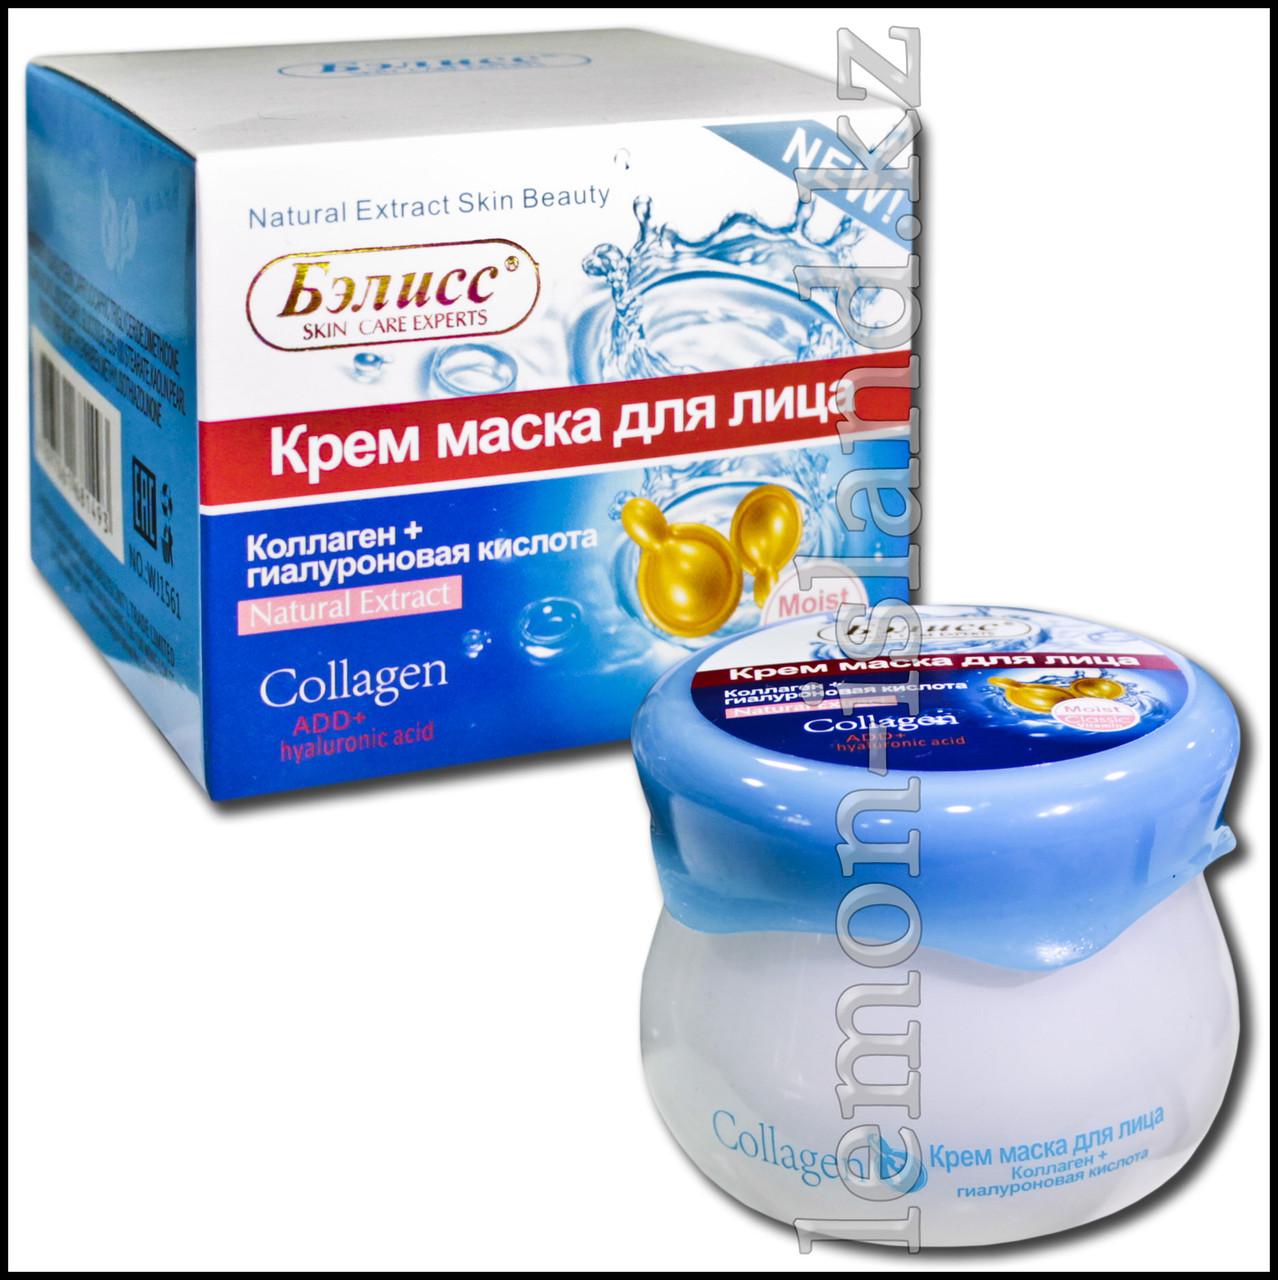 Крем-маска Бэлисс для лица с коллагеном и гиалуроновой кислотой.